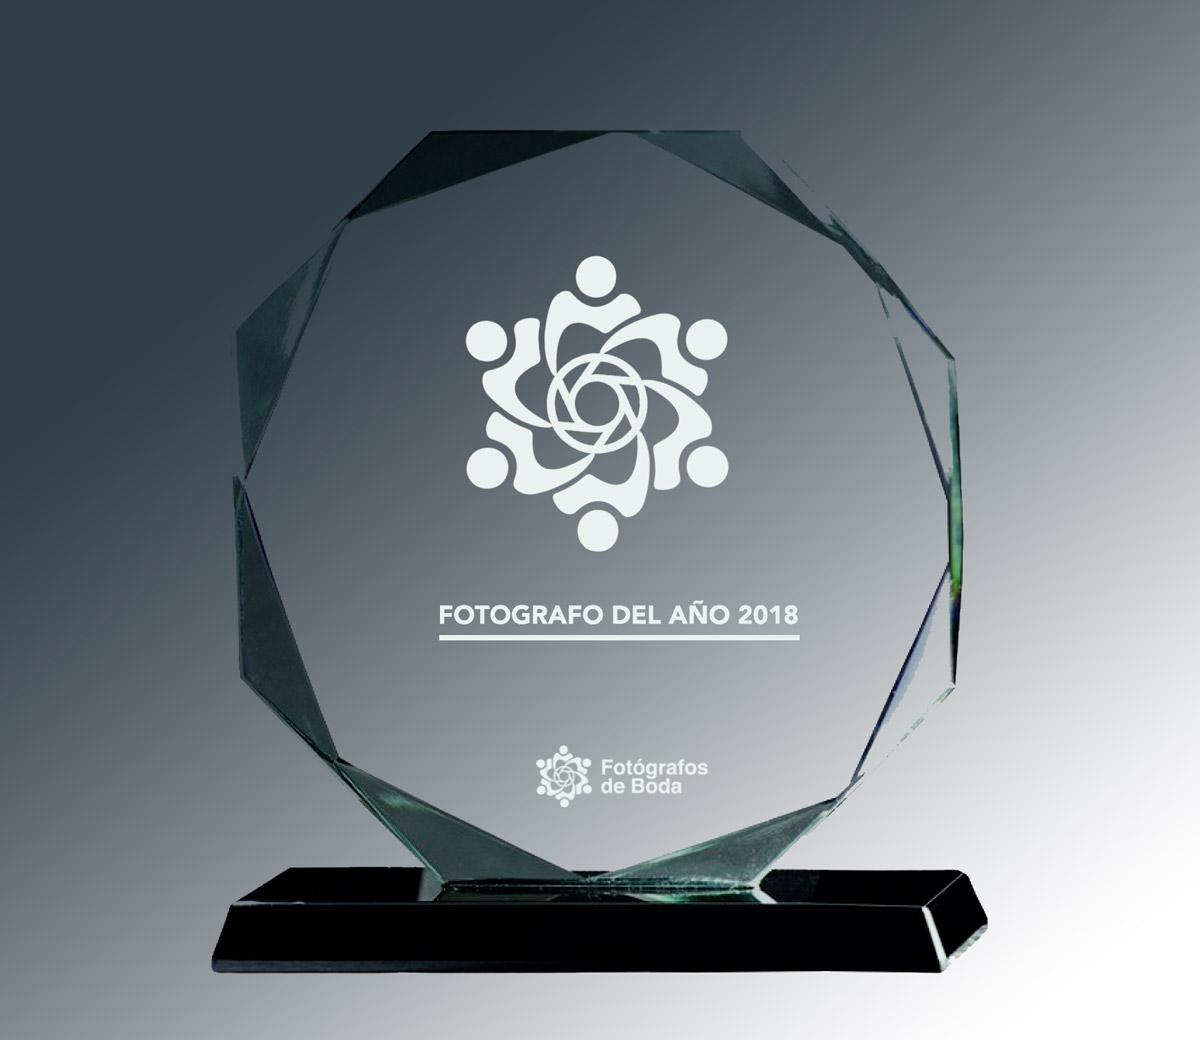 Trofeo Premio FdB